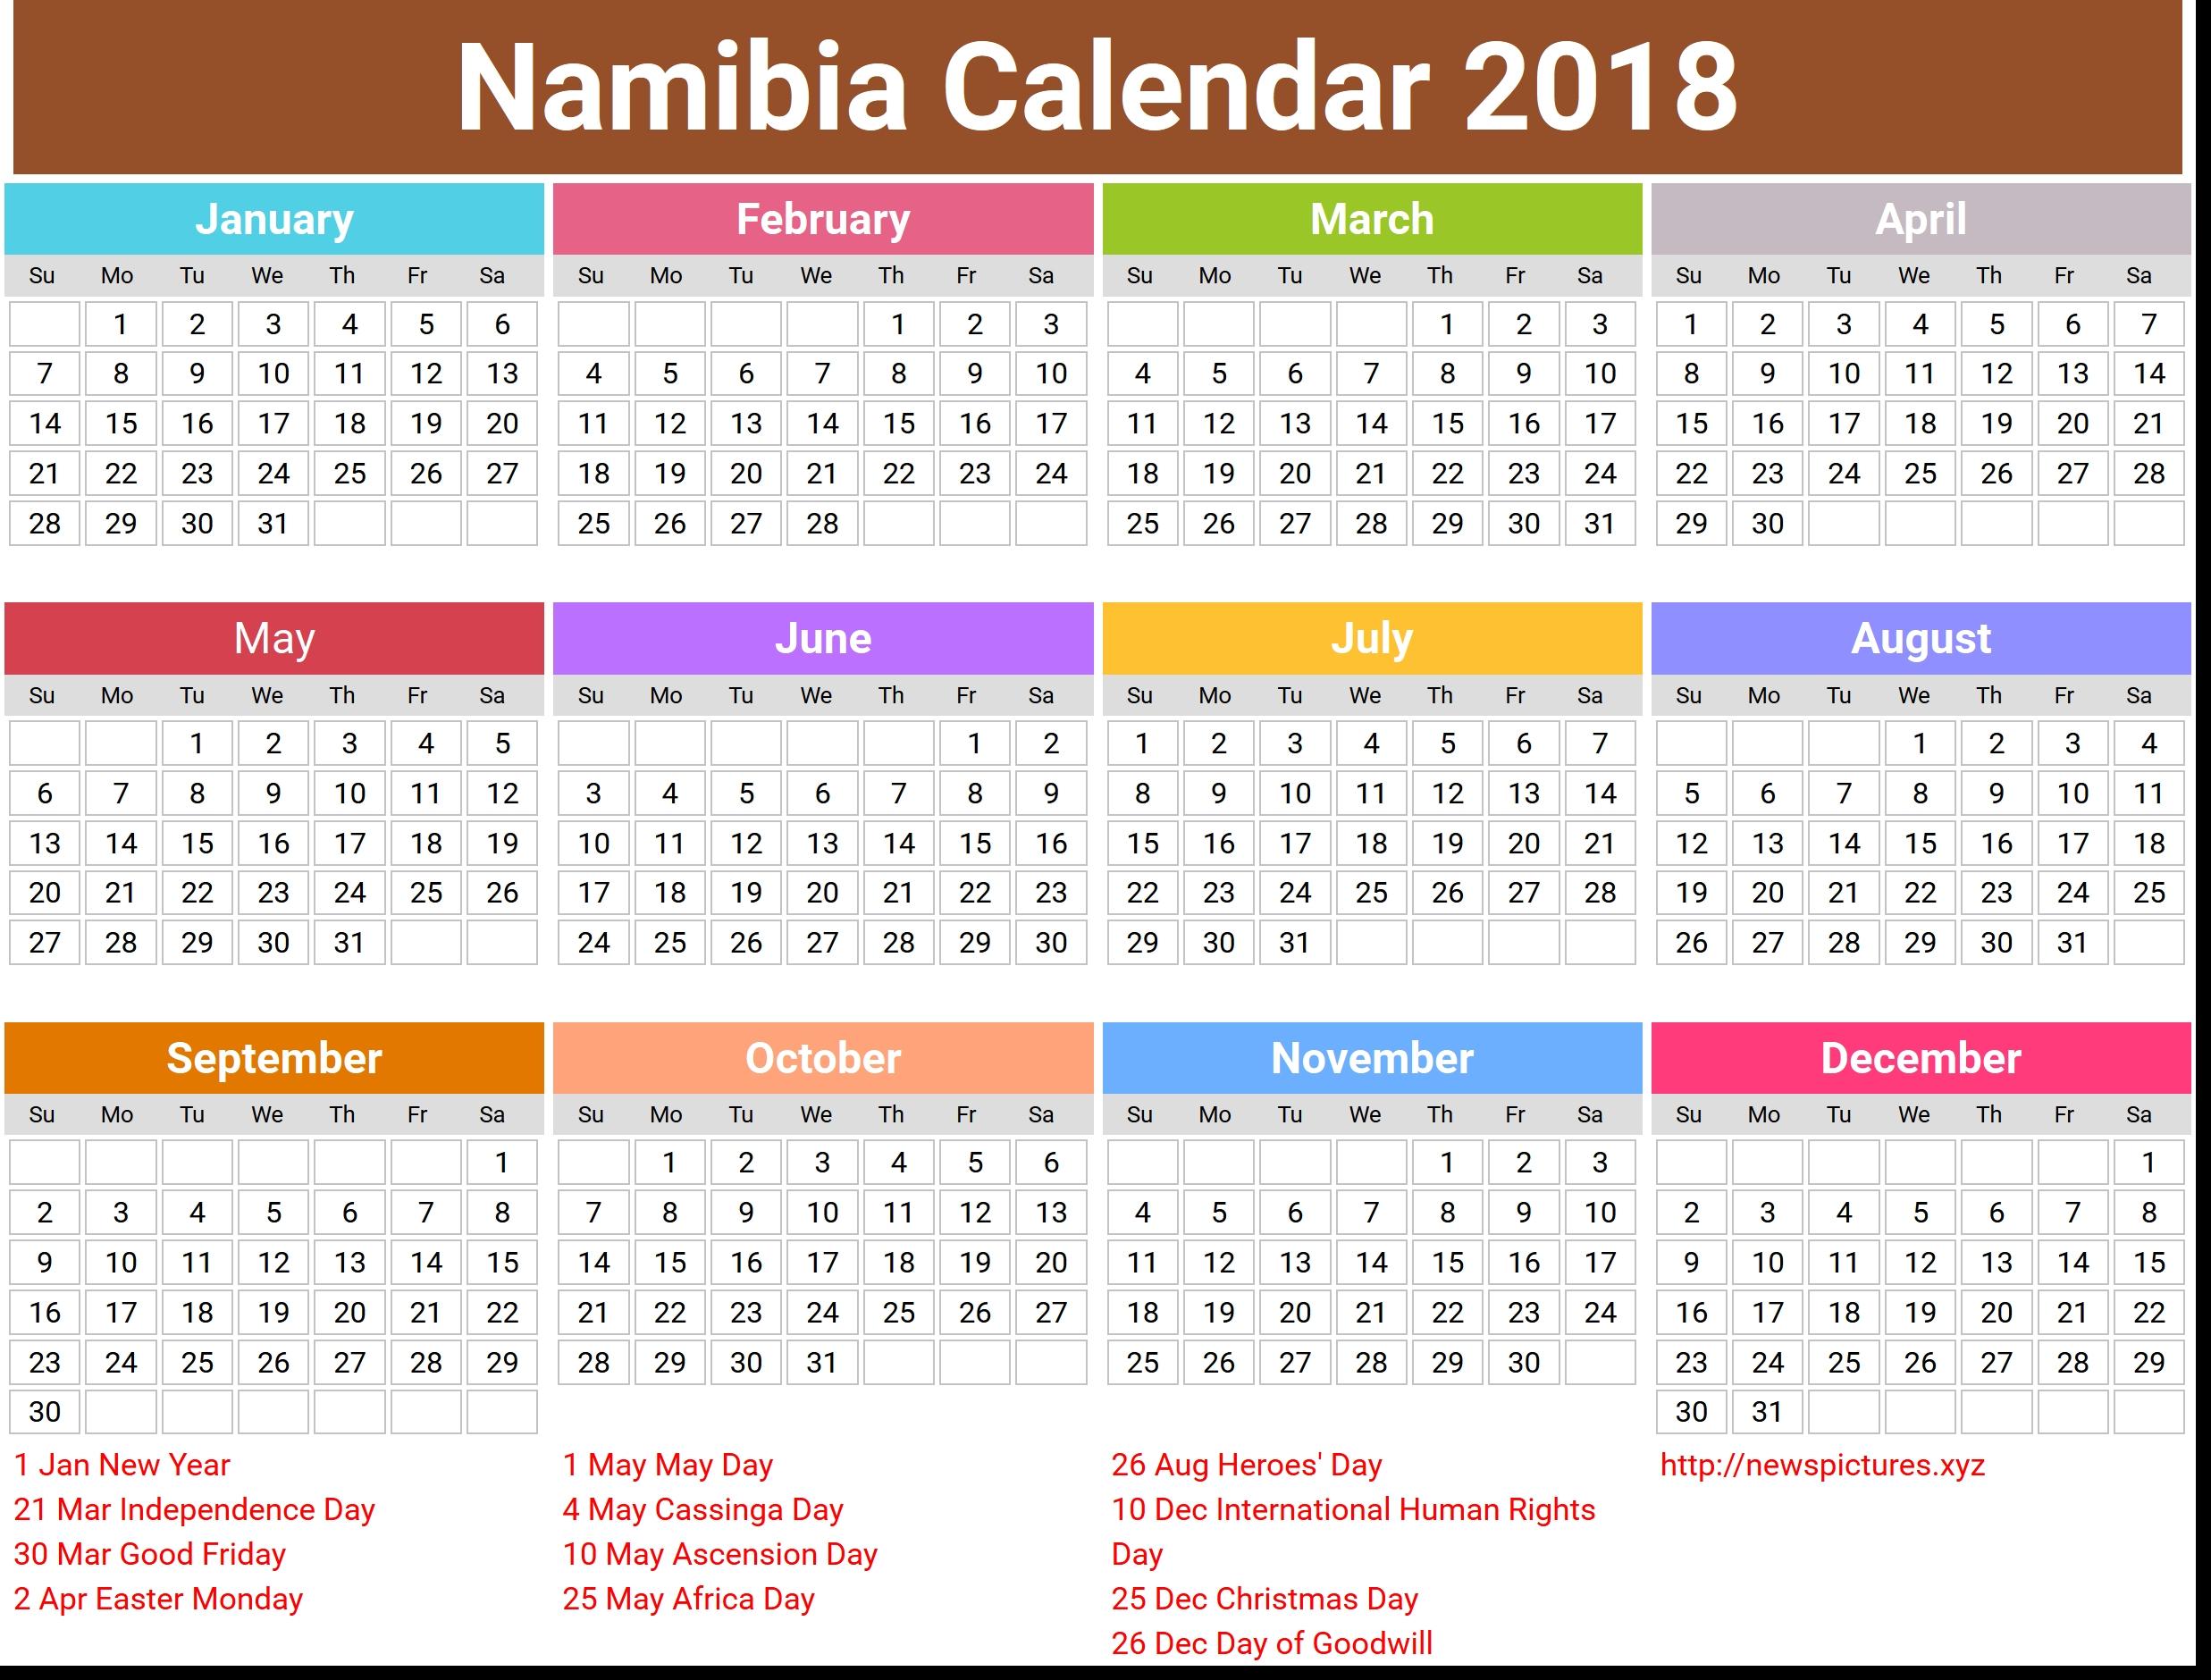 Namibia Calendar 2018 Qualads